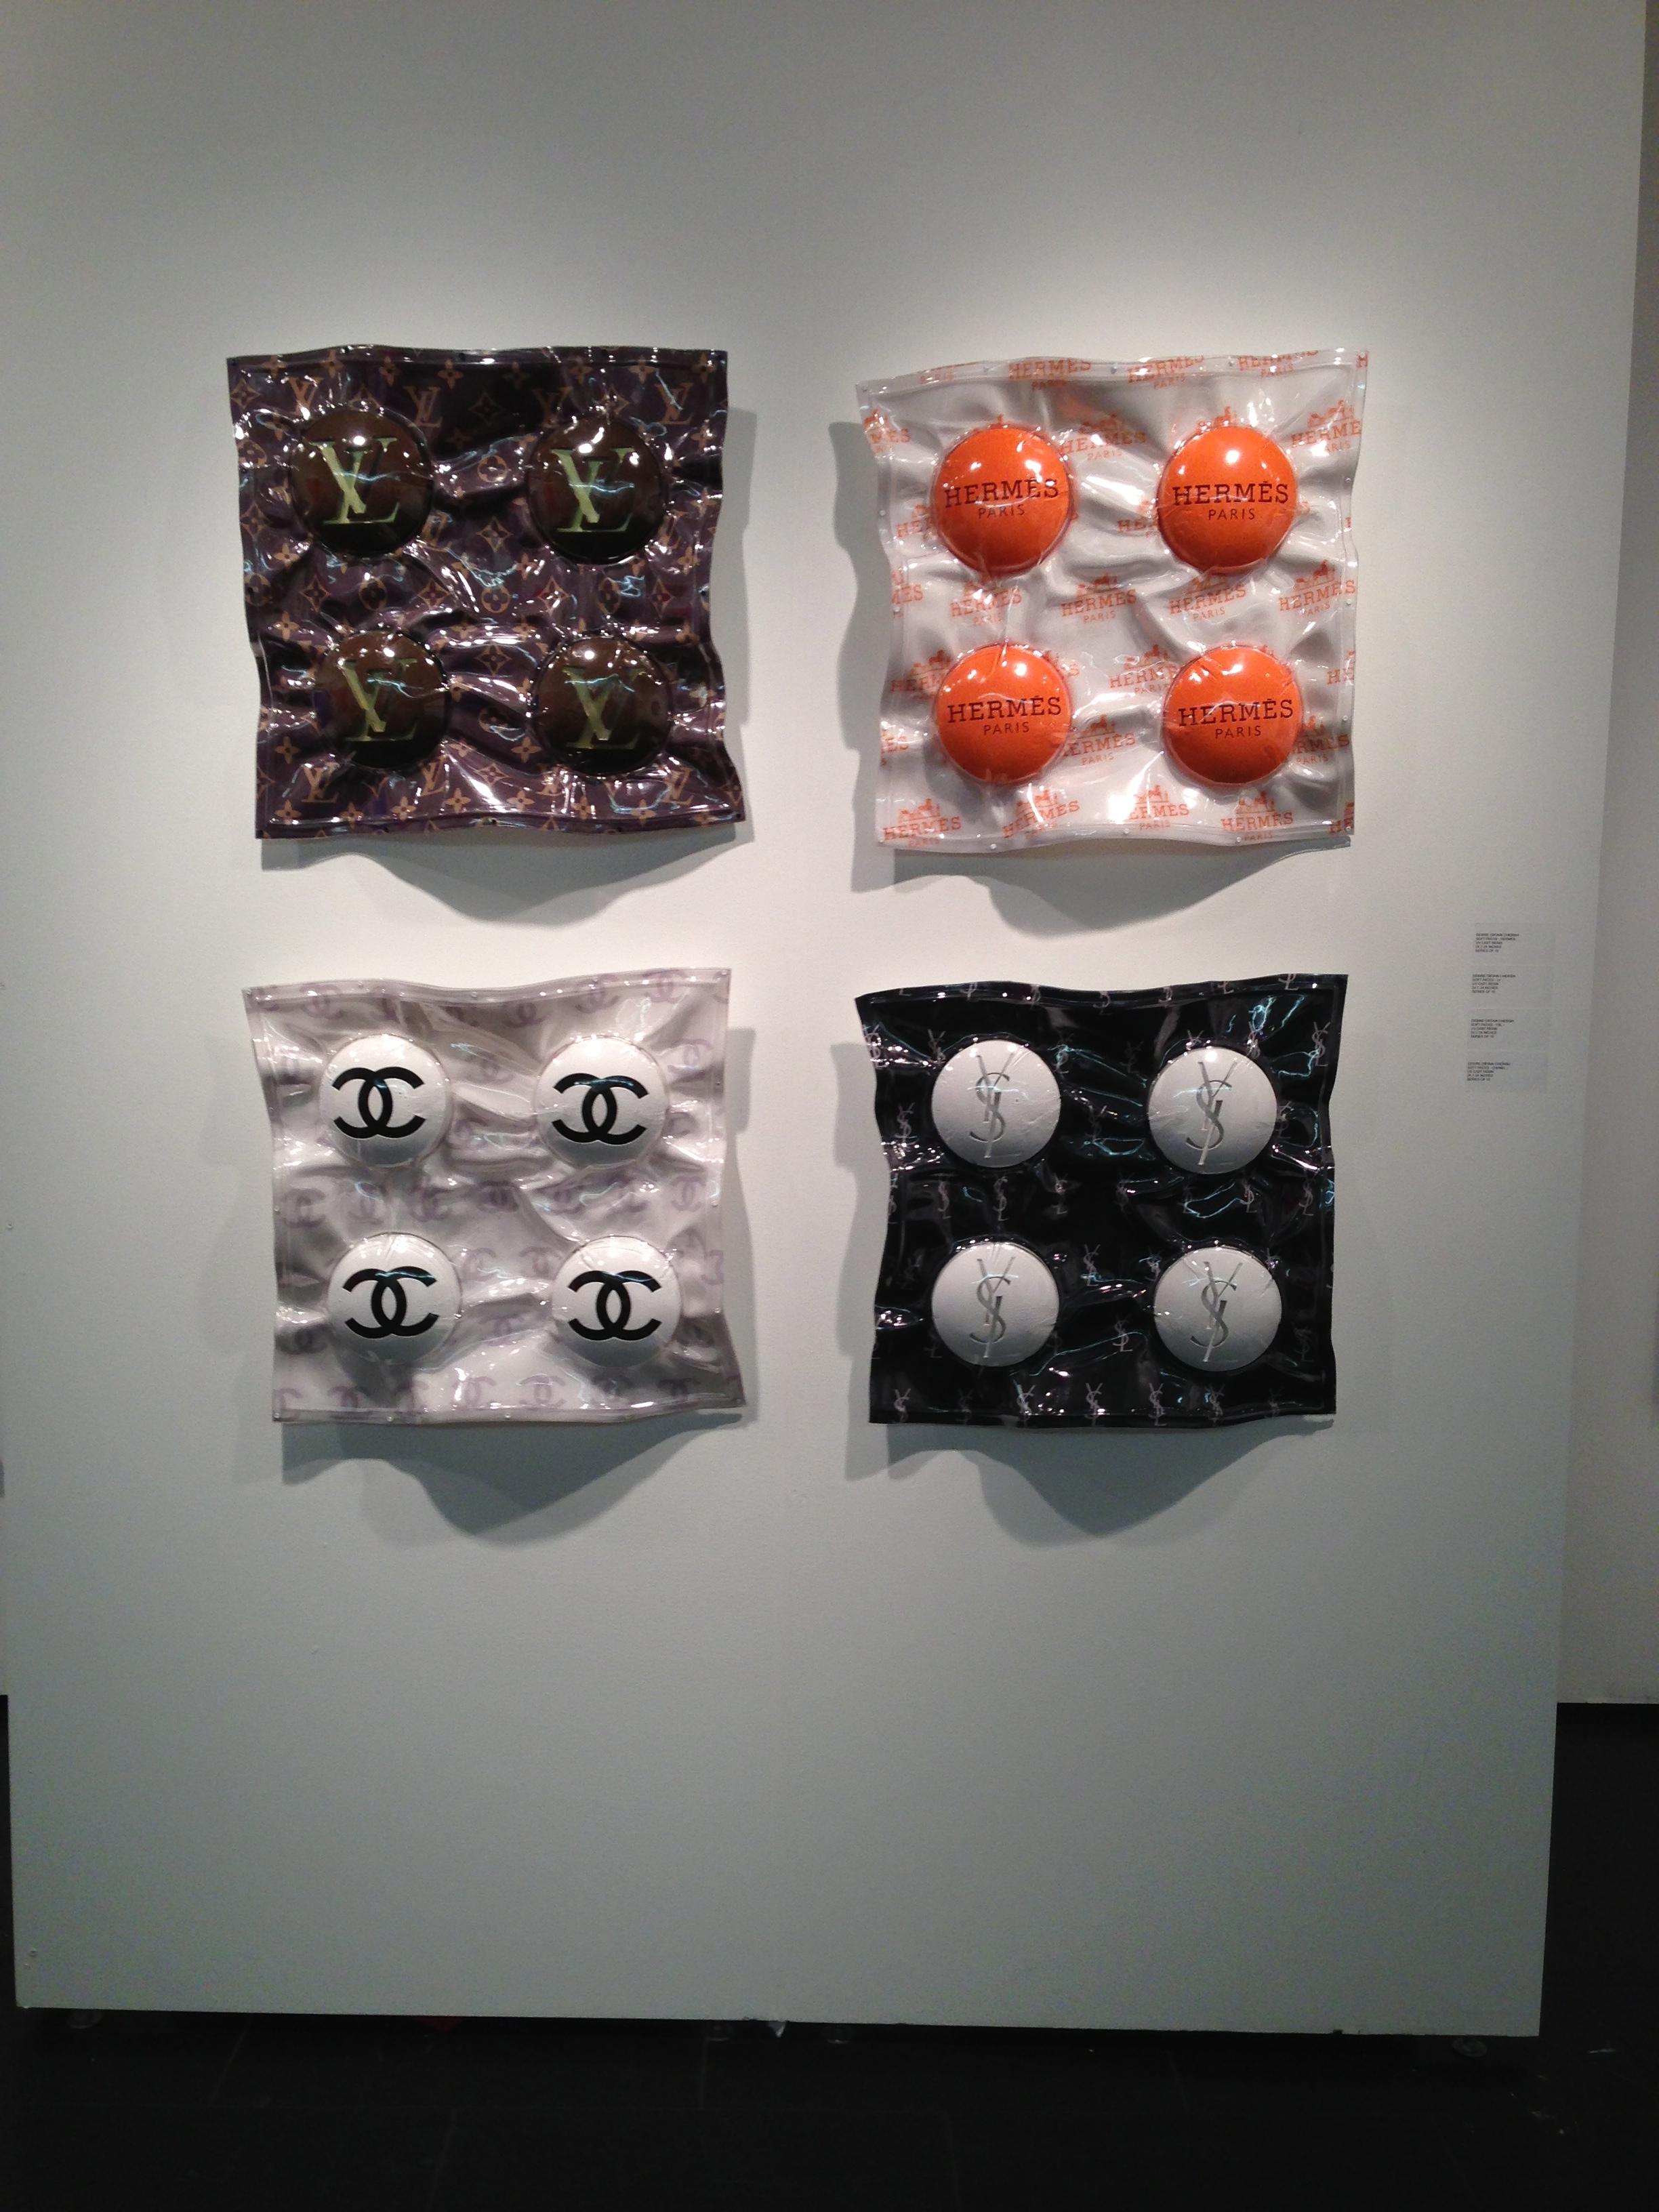 2013-03-07-pills.jpg